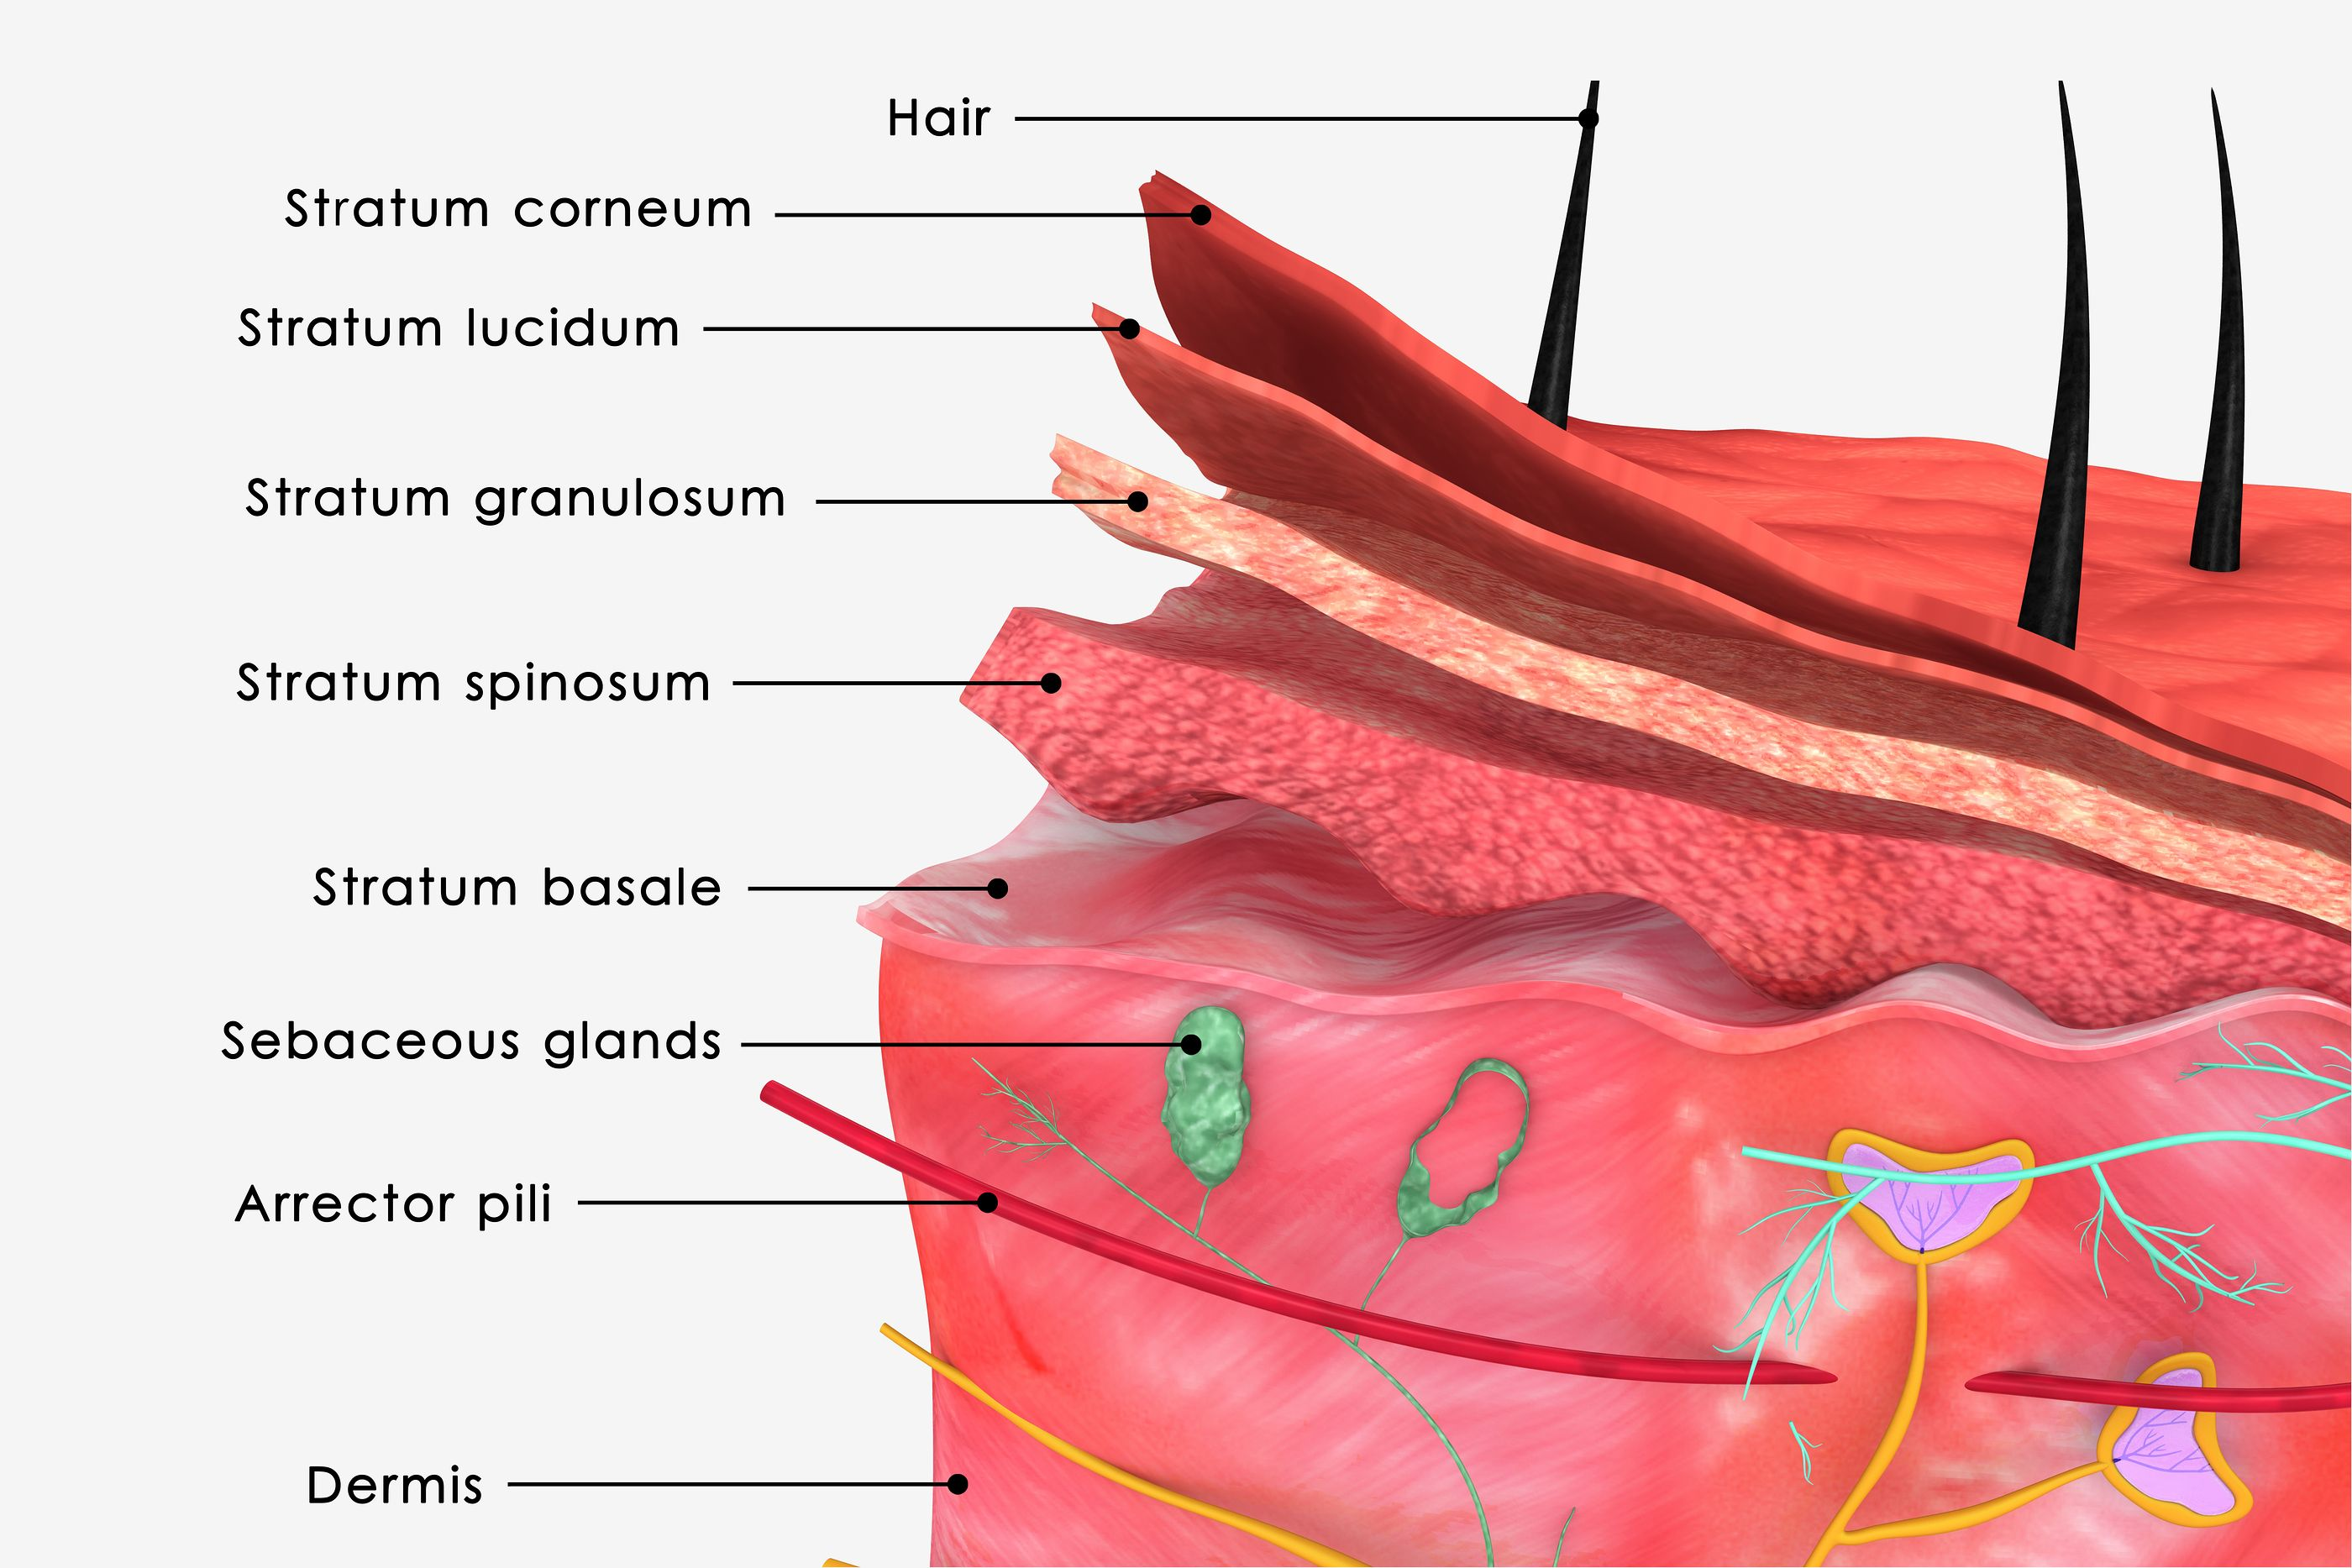 skin anatomy | Anatomia e Sistema Tegumentar | Pinterest | Anatomy